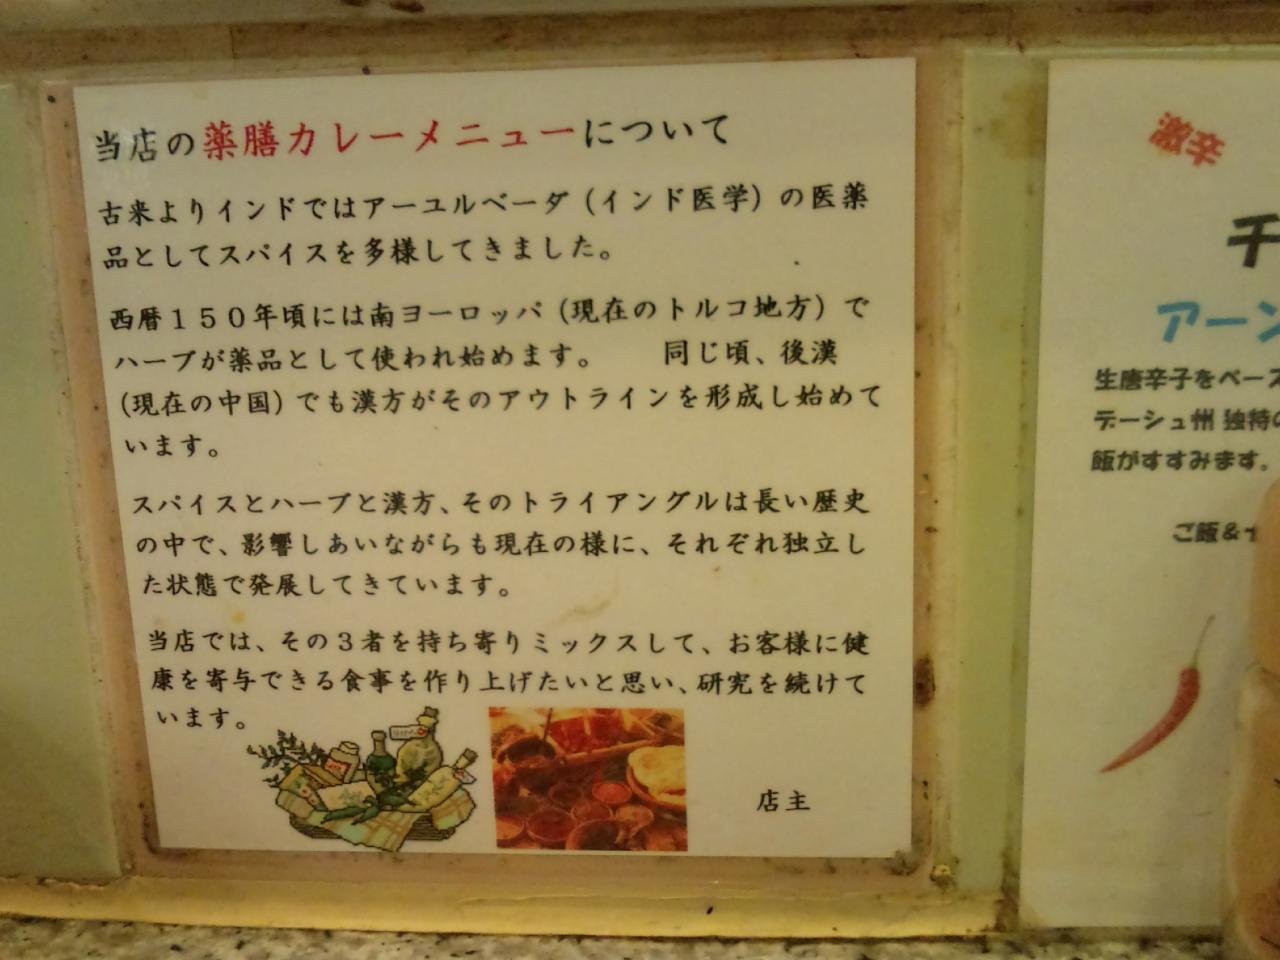 おいしいカレー工房ひつじや(メニュー)